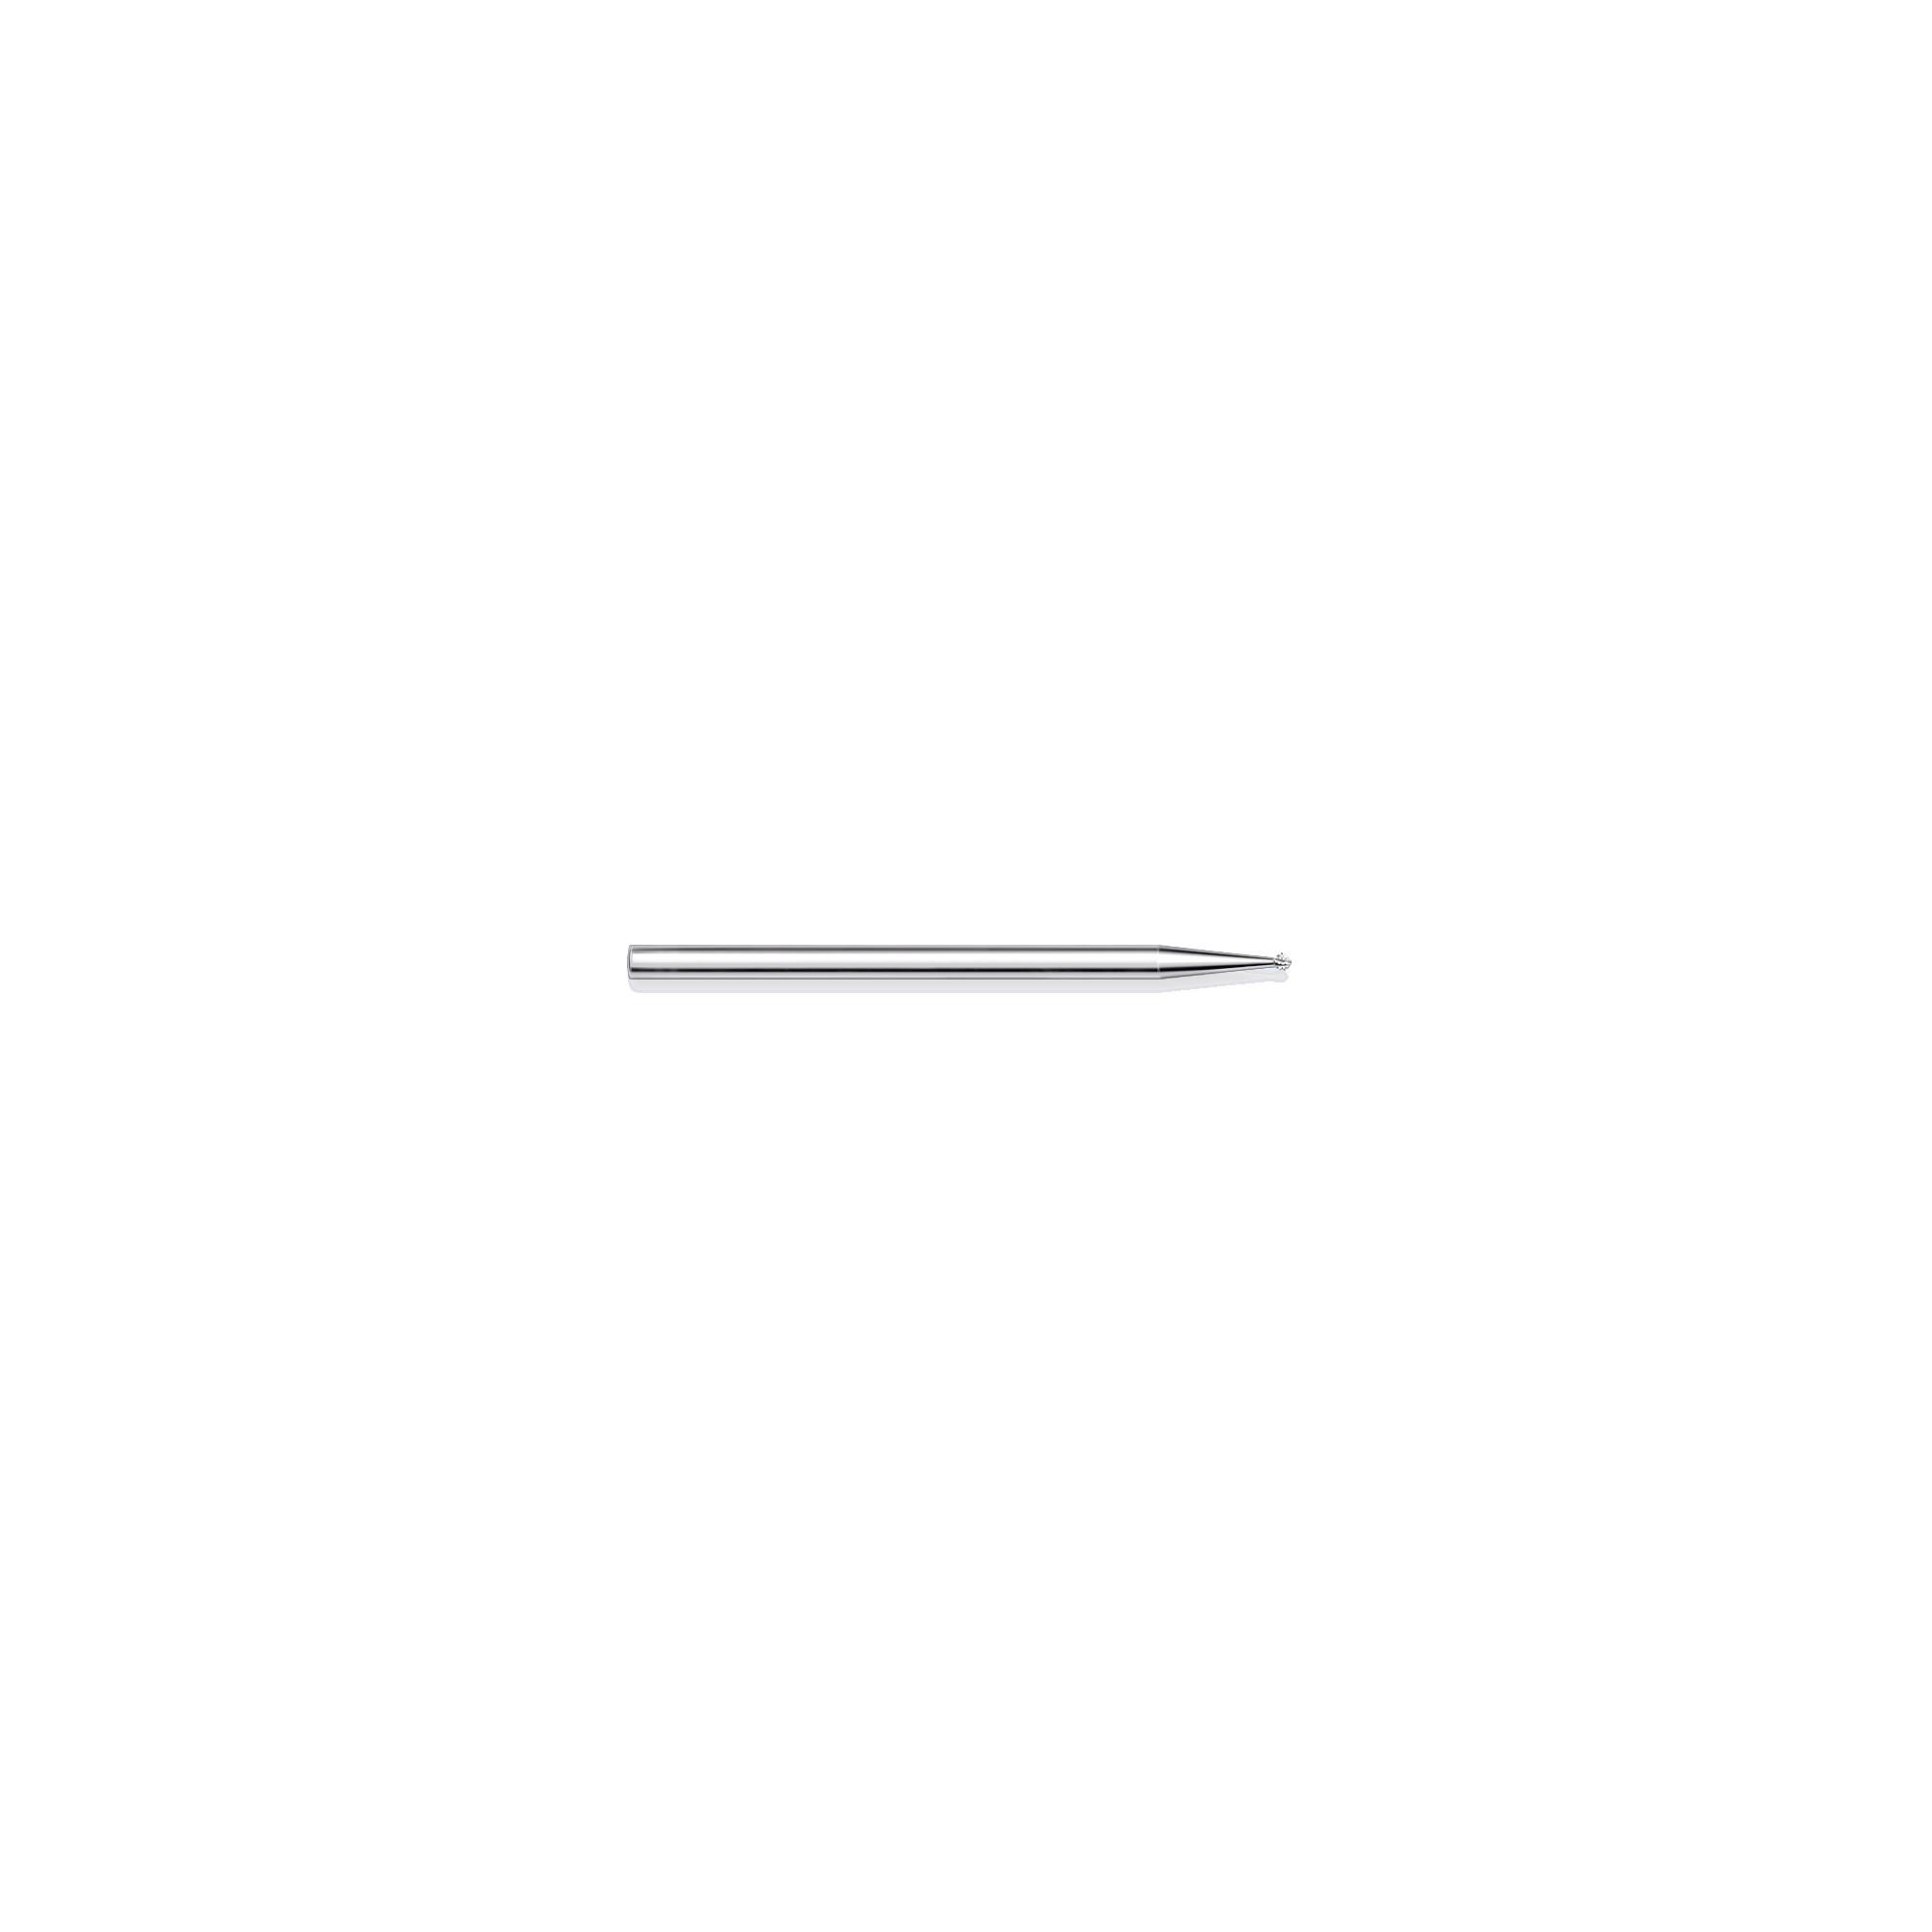 Fraise 11RS - Acier inoxydable - Enucléation des cors - 1,2 mm